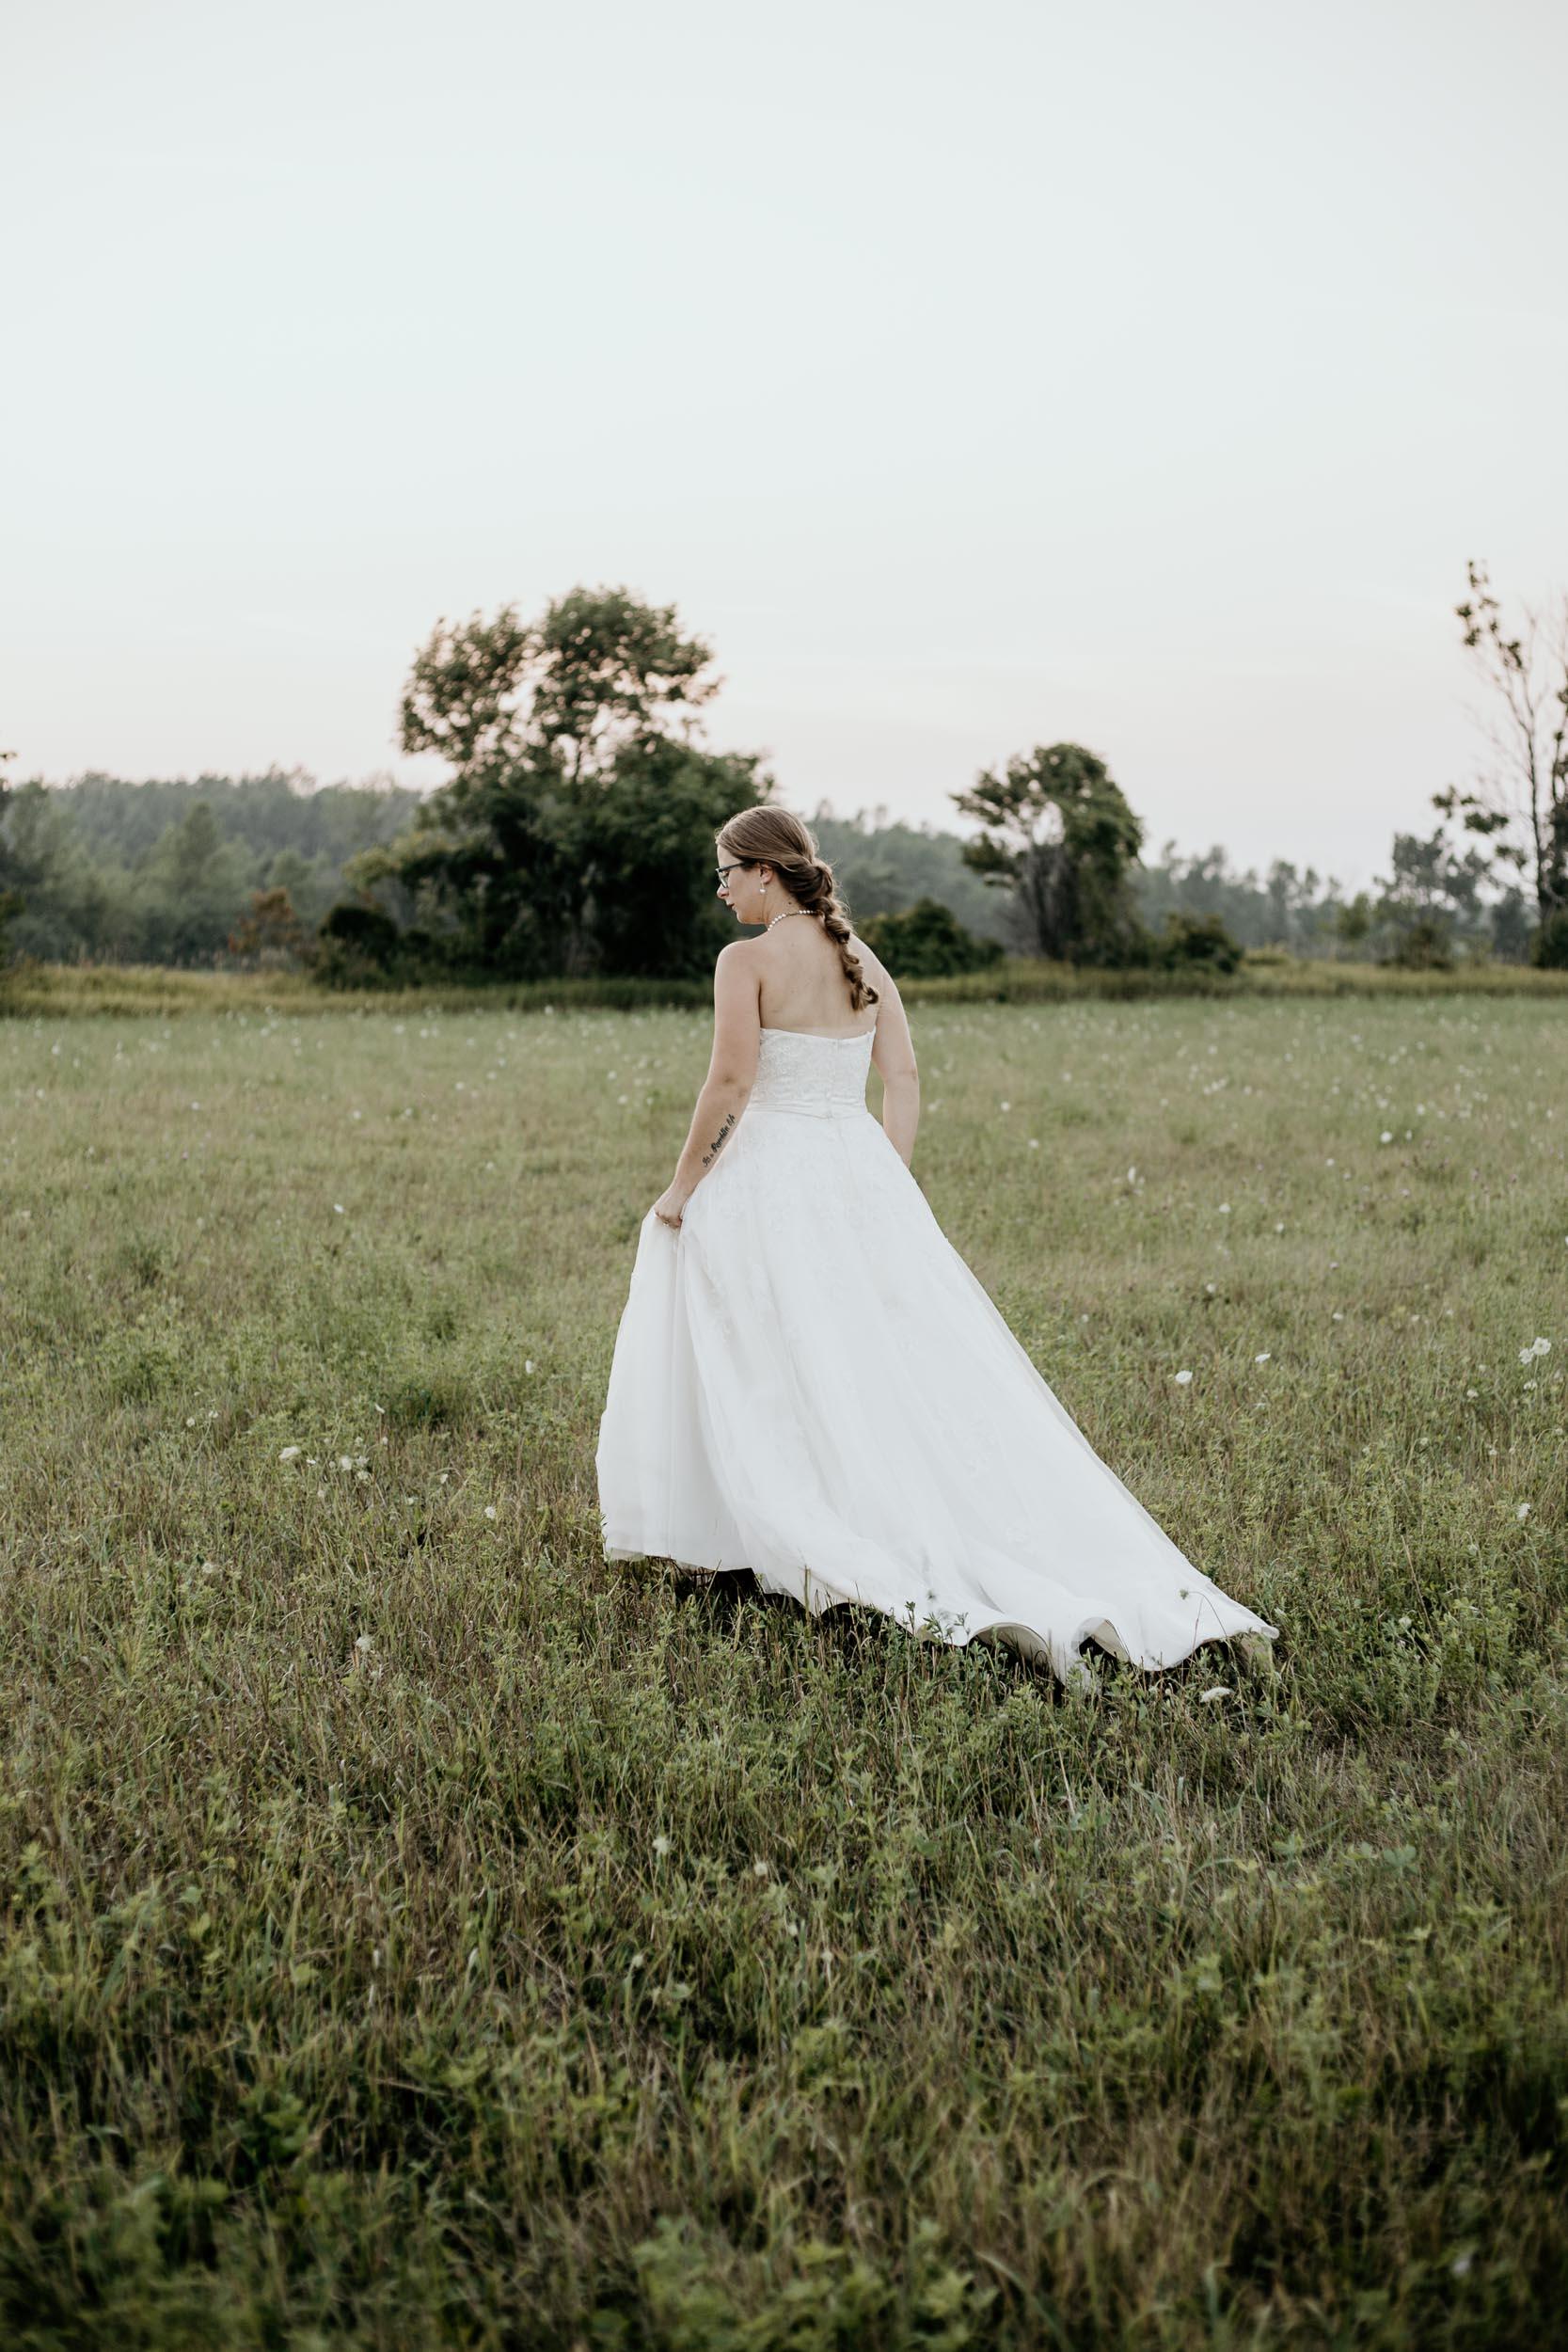 intimate-wedding-elopement-photographer-ottawa-joshua-tree-3187.jpg